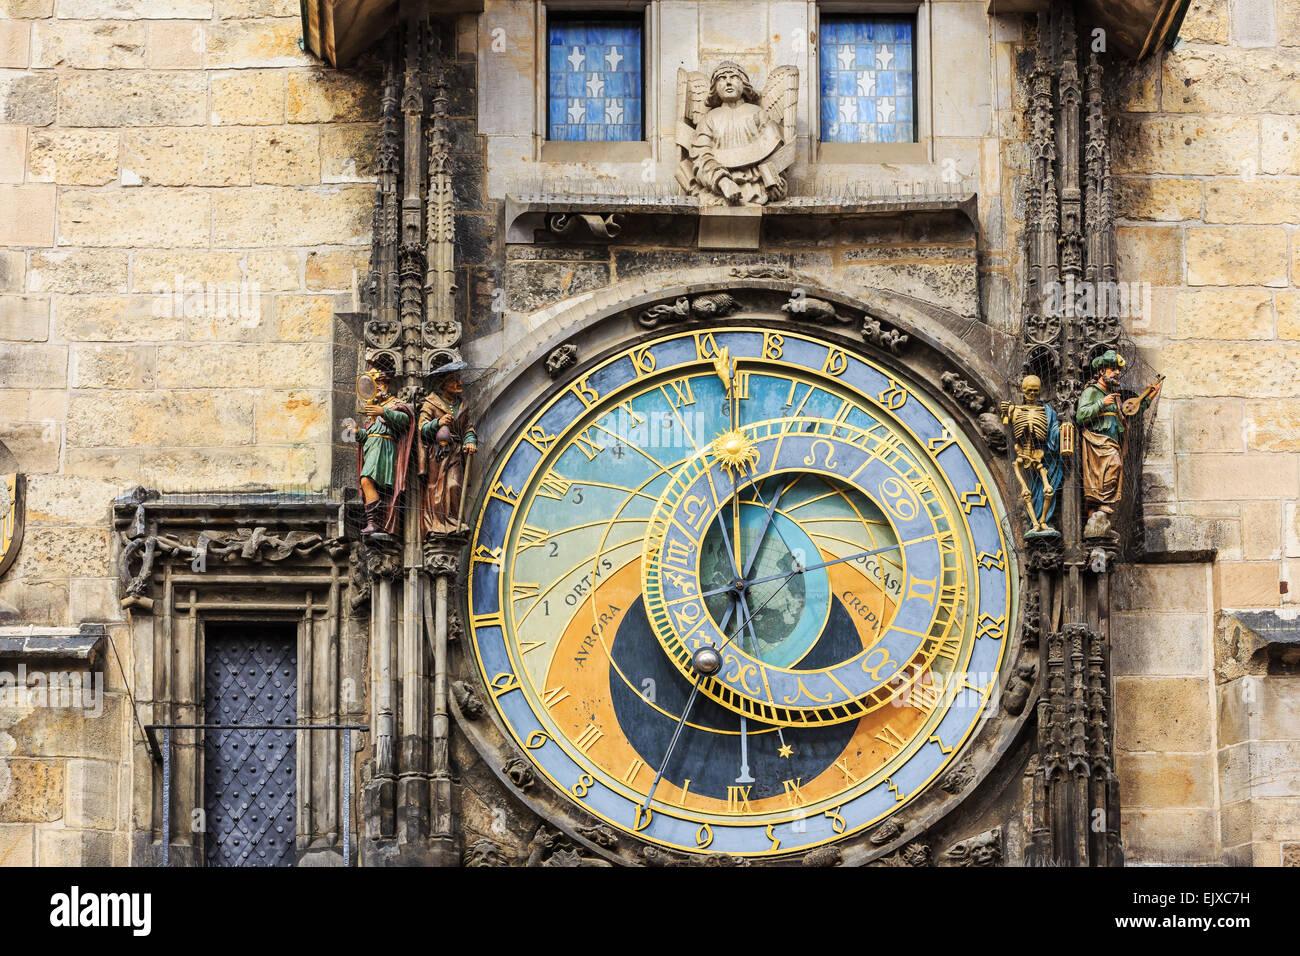 Astronomische Uhr in Prag. Tschechische Republik Stockbild